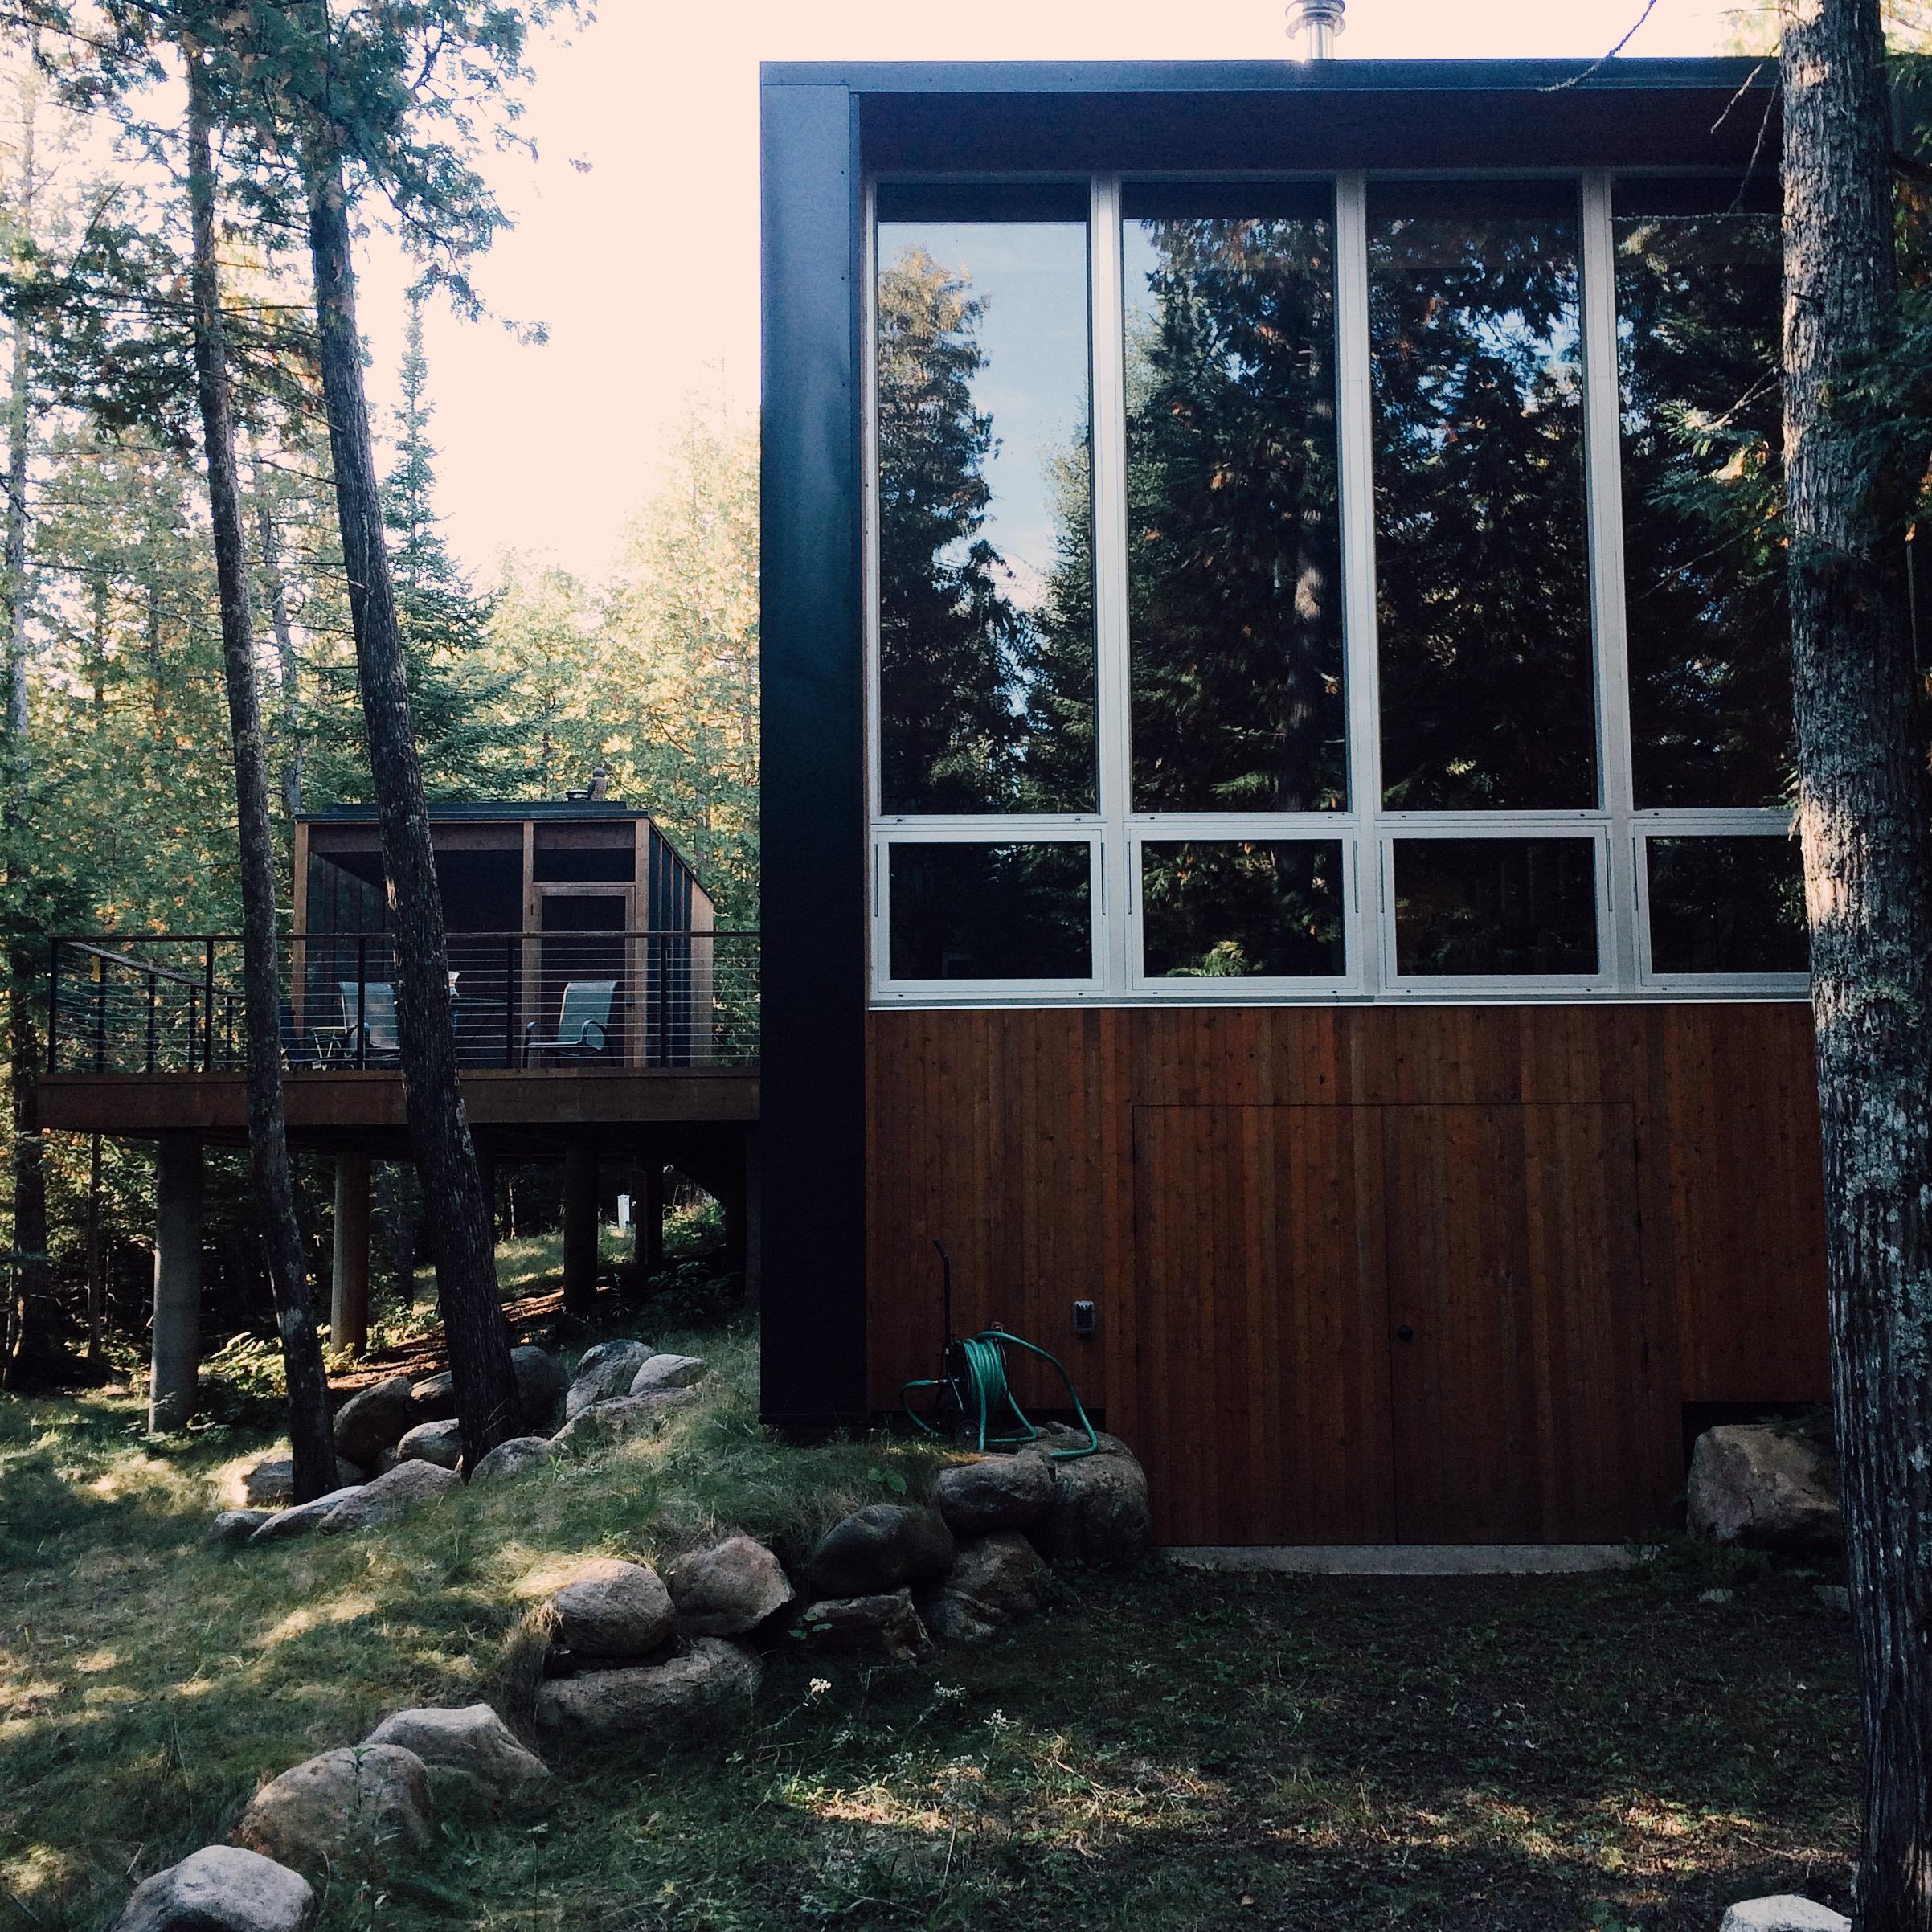 Bodega LTD - PlansMatter